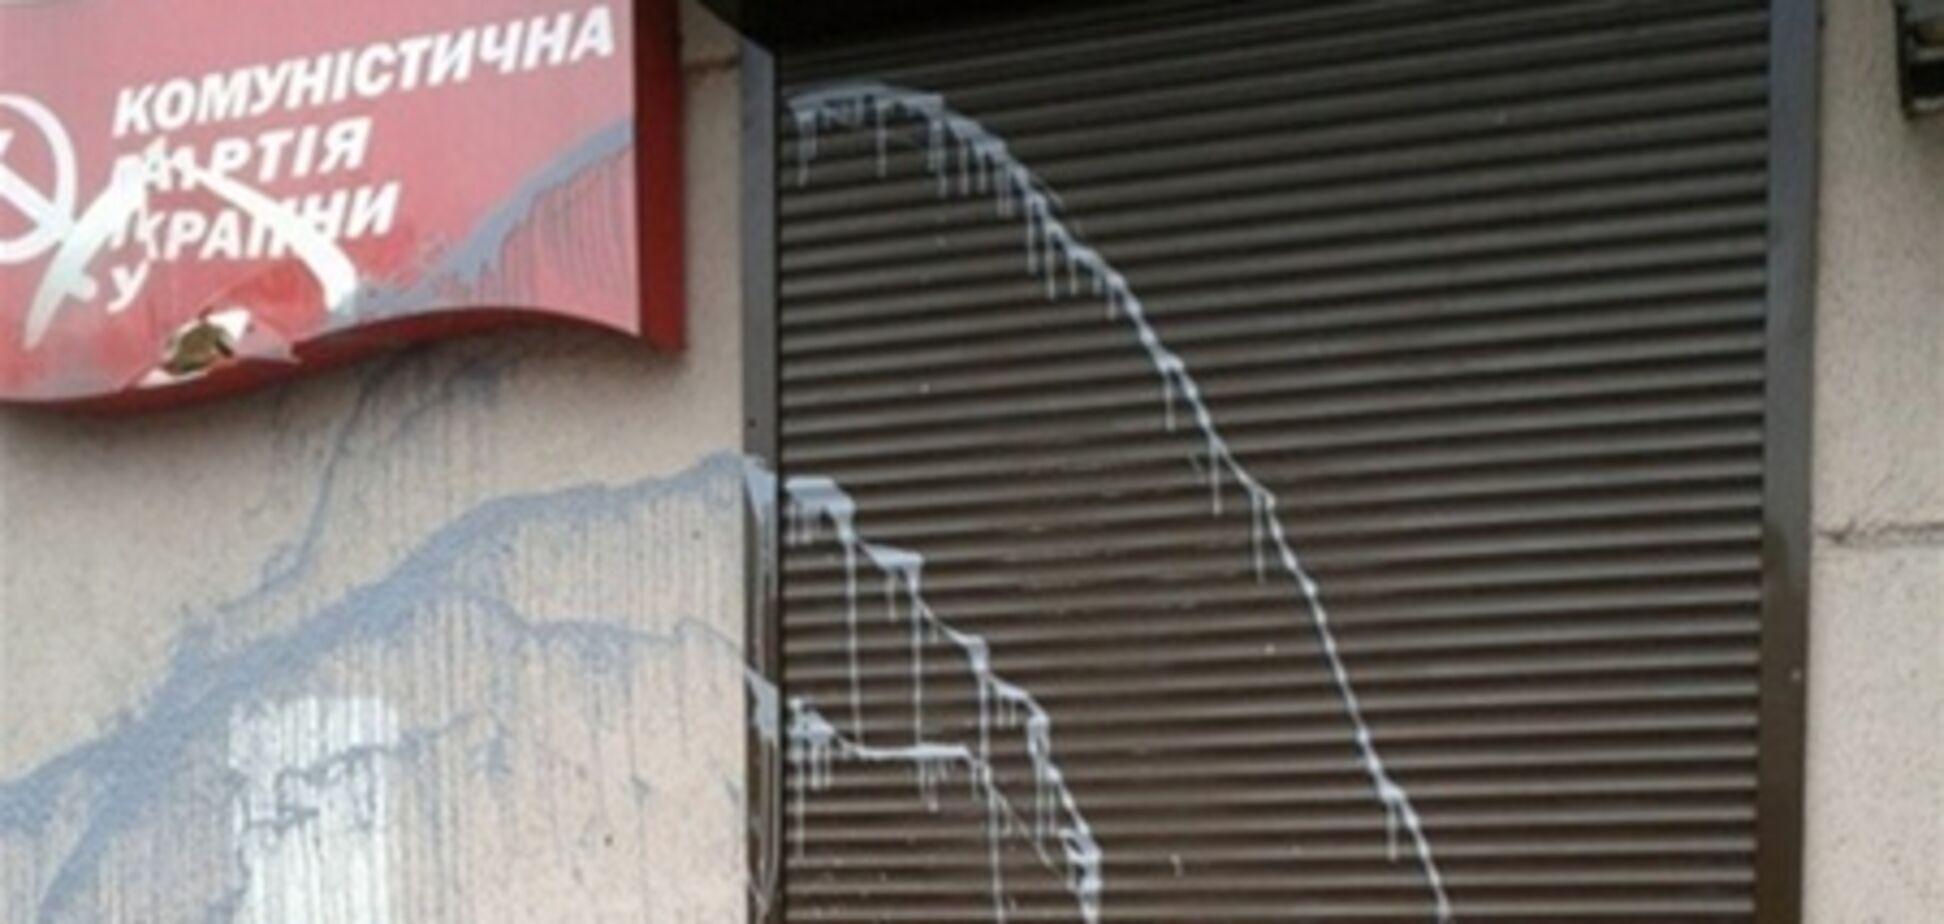 В Одессе приемную Симоненко забрызгали краской. Фото